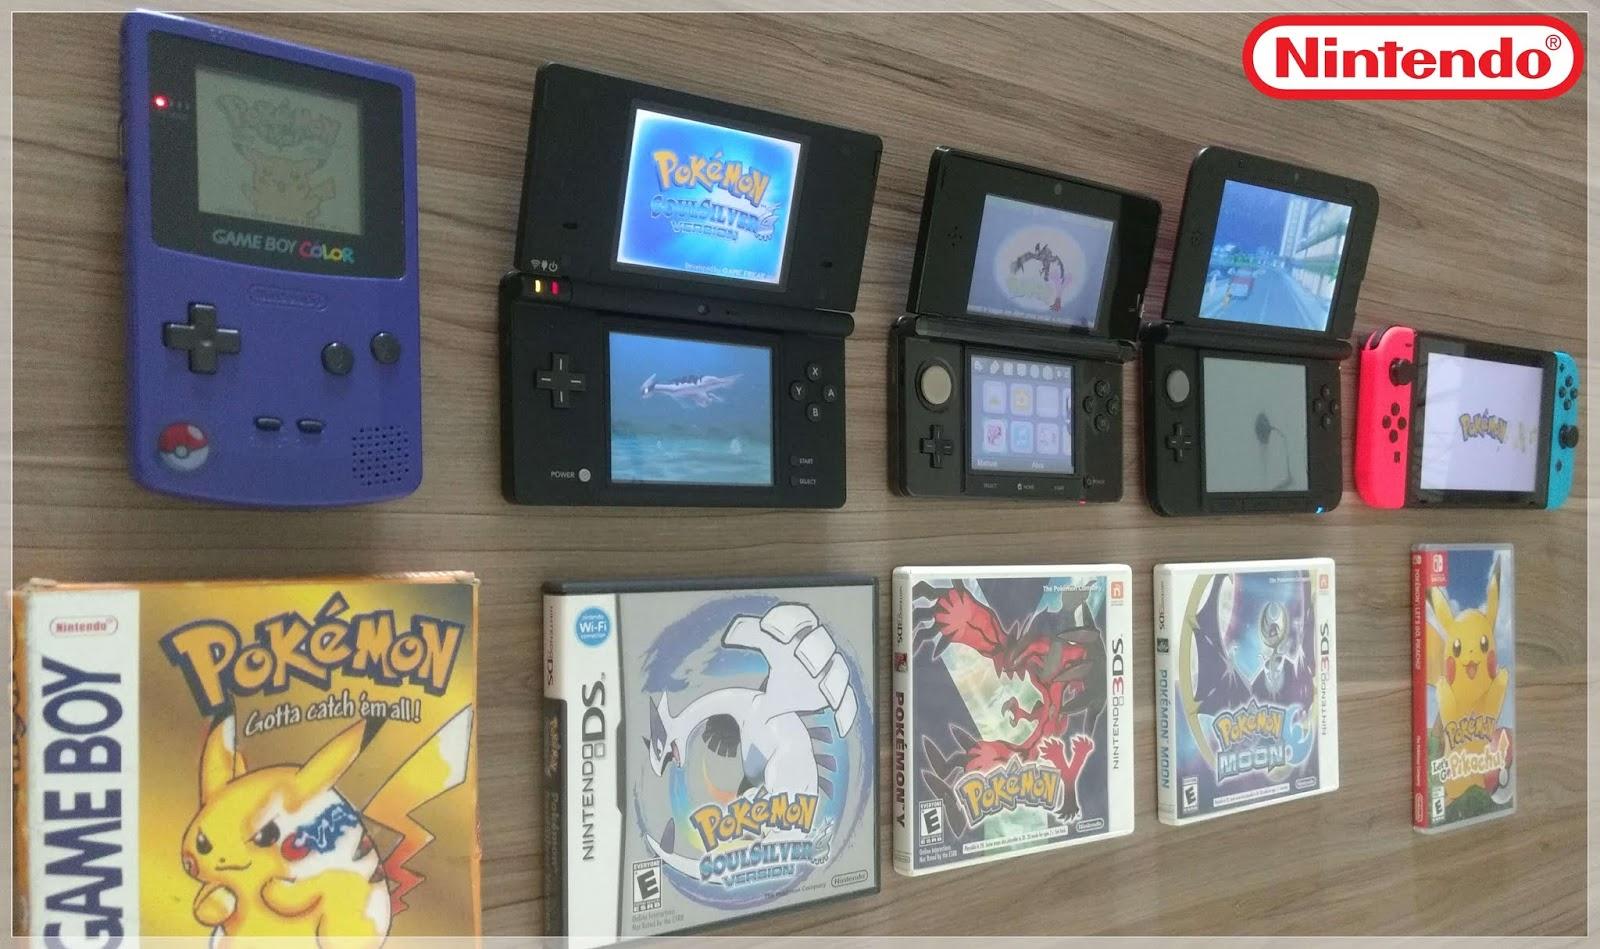 Meus consoles Nintendo! Do Game Boy Color ao Nintendo Switch (diferenças e  informações úteis) - Menininha é a Mãe